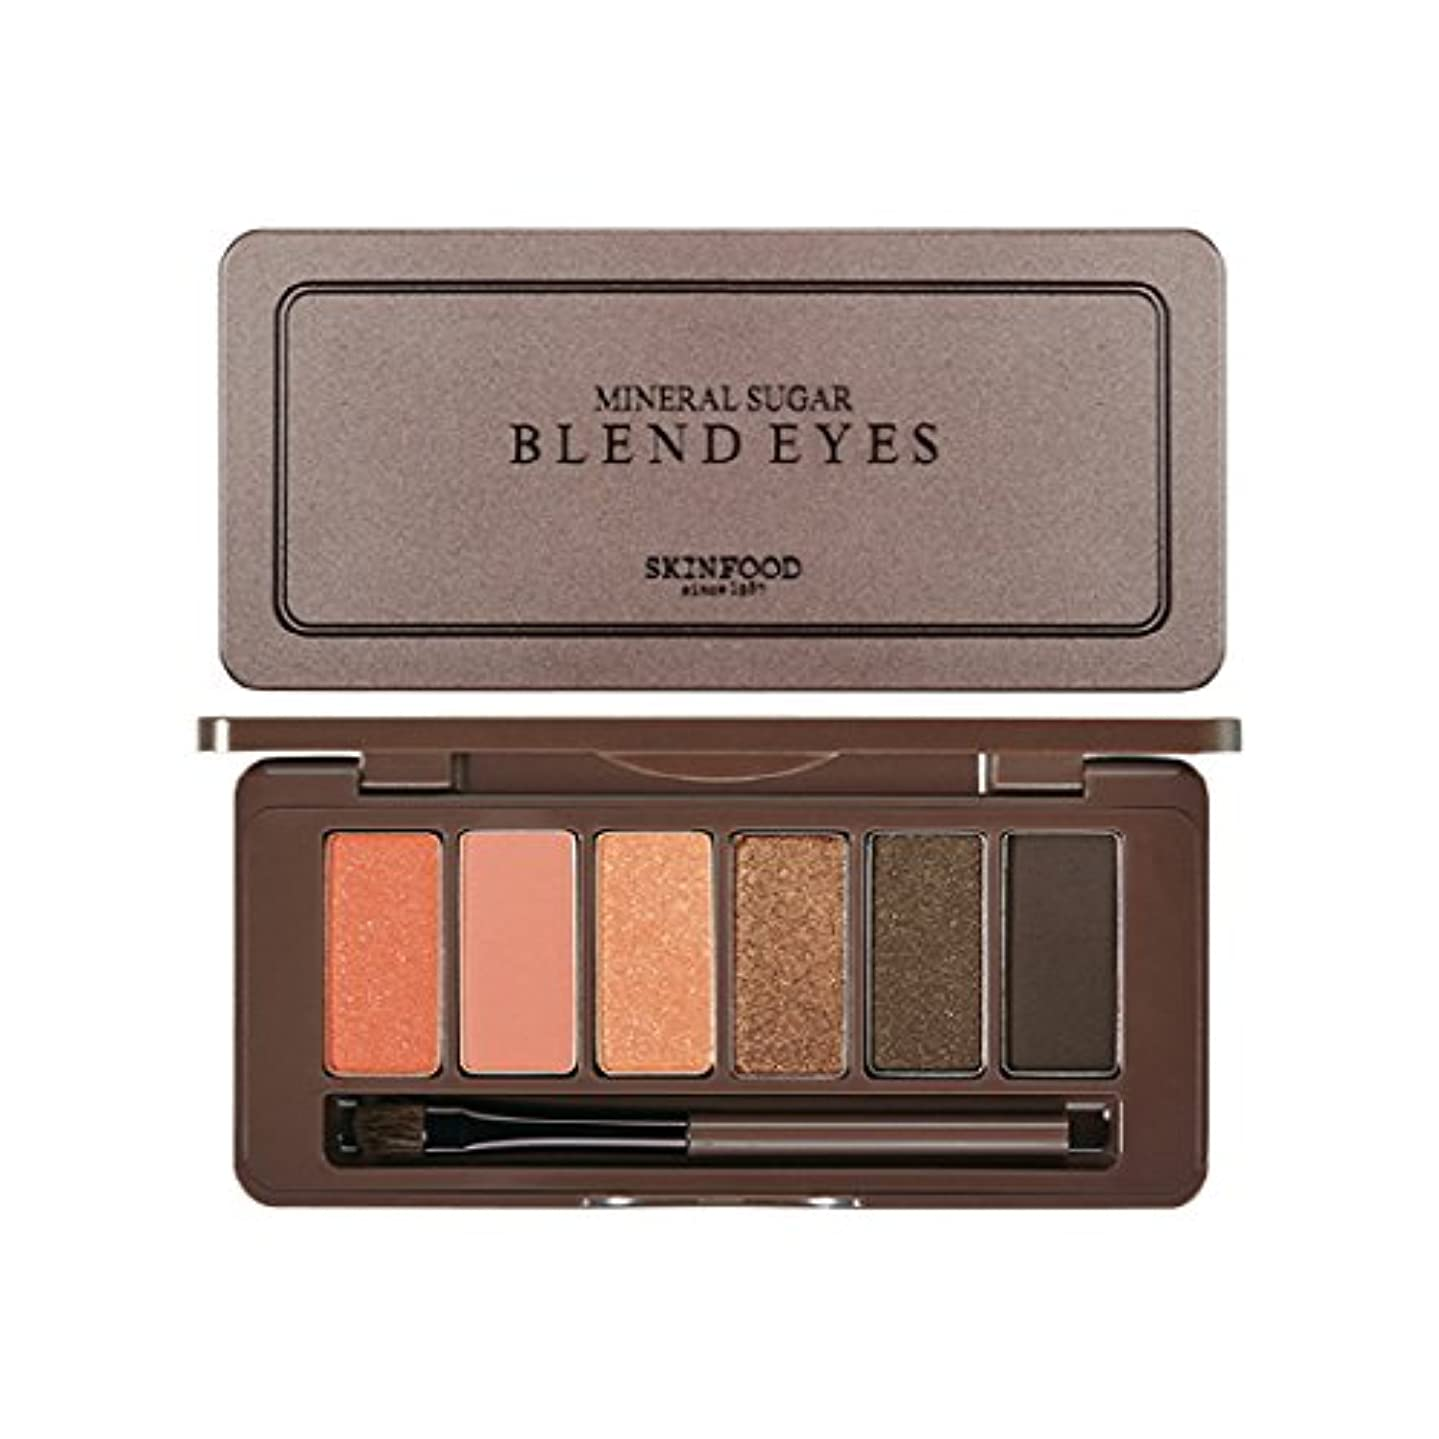 詳細な閉じ込める郵便屋さんSKINFOOD Mineral Sugar Blend Eyes/スキンフード ミネラル シュガー ブレンド アイズ (#04 Goldmango Roll) [並行輸入品]